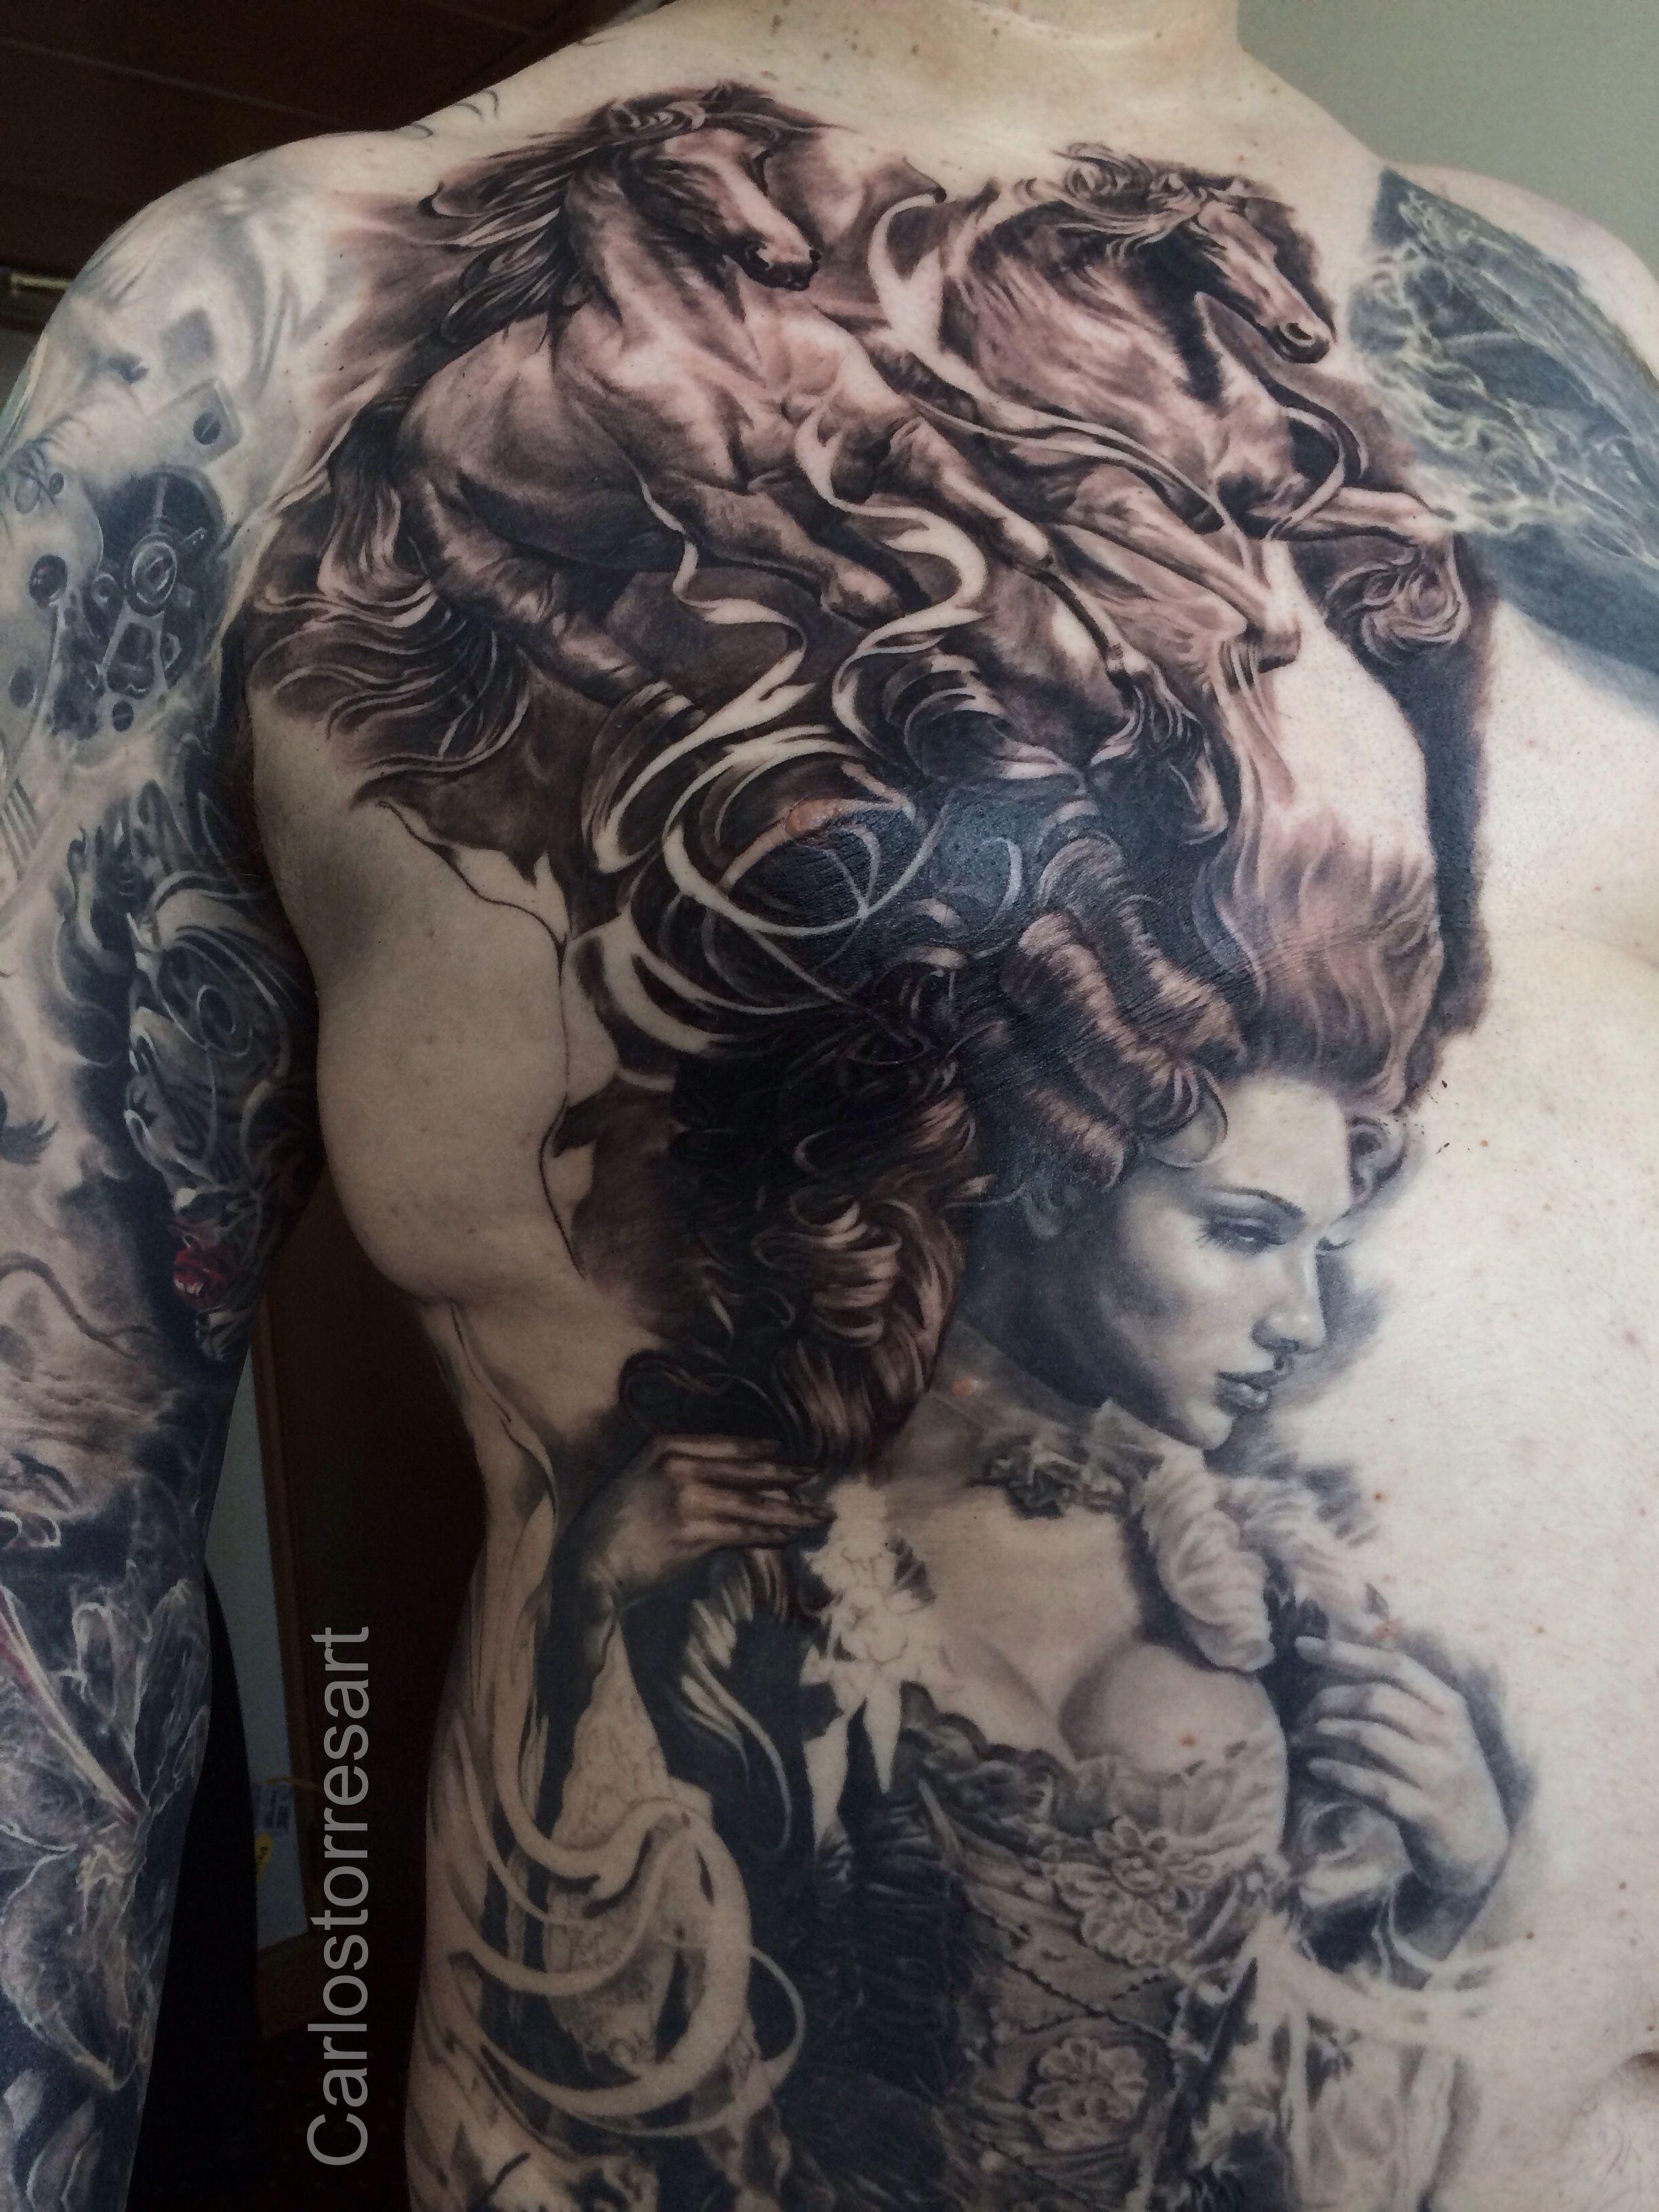 A Better Detailed Shot Tattoo Wildhorses Baroque Fierce Tattoo Tattoos Epic Tattoo